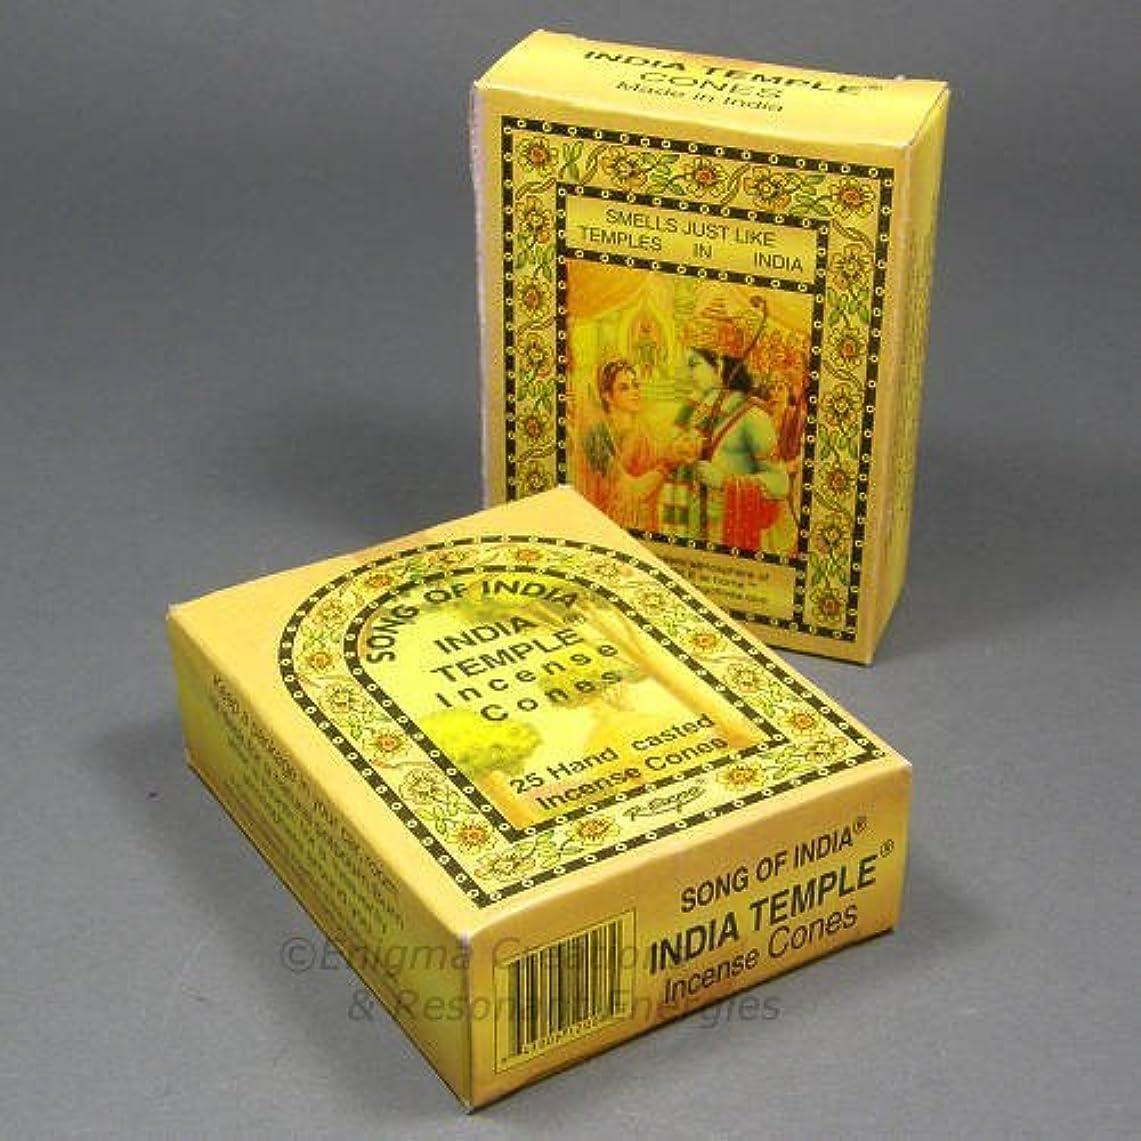 敵スパイラル前進Song of India - India Temple Cone Incense, 2 x 25 Cone Pack, 50 Cones Total, (IN7) by Song of India